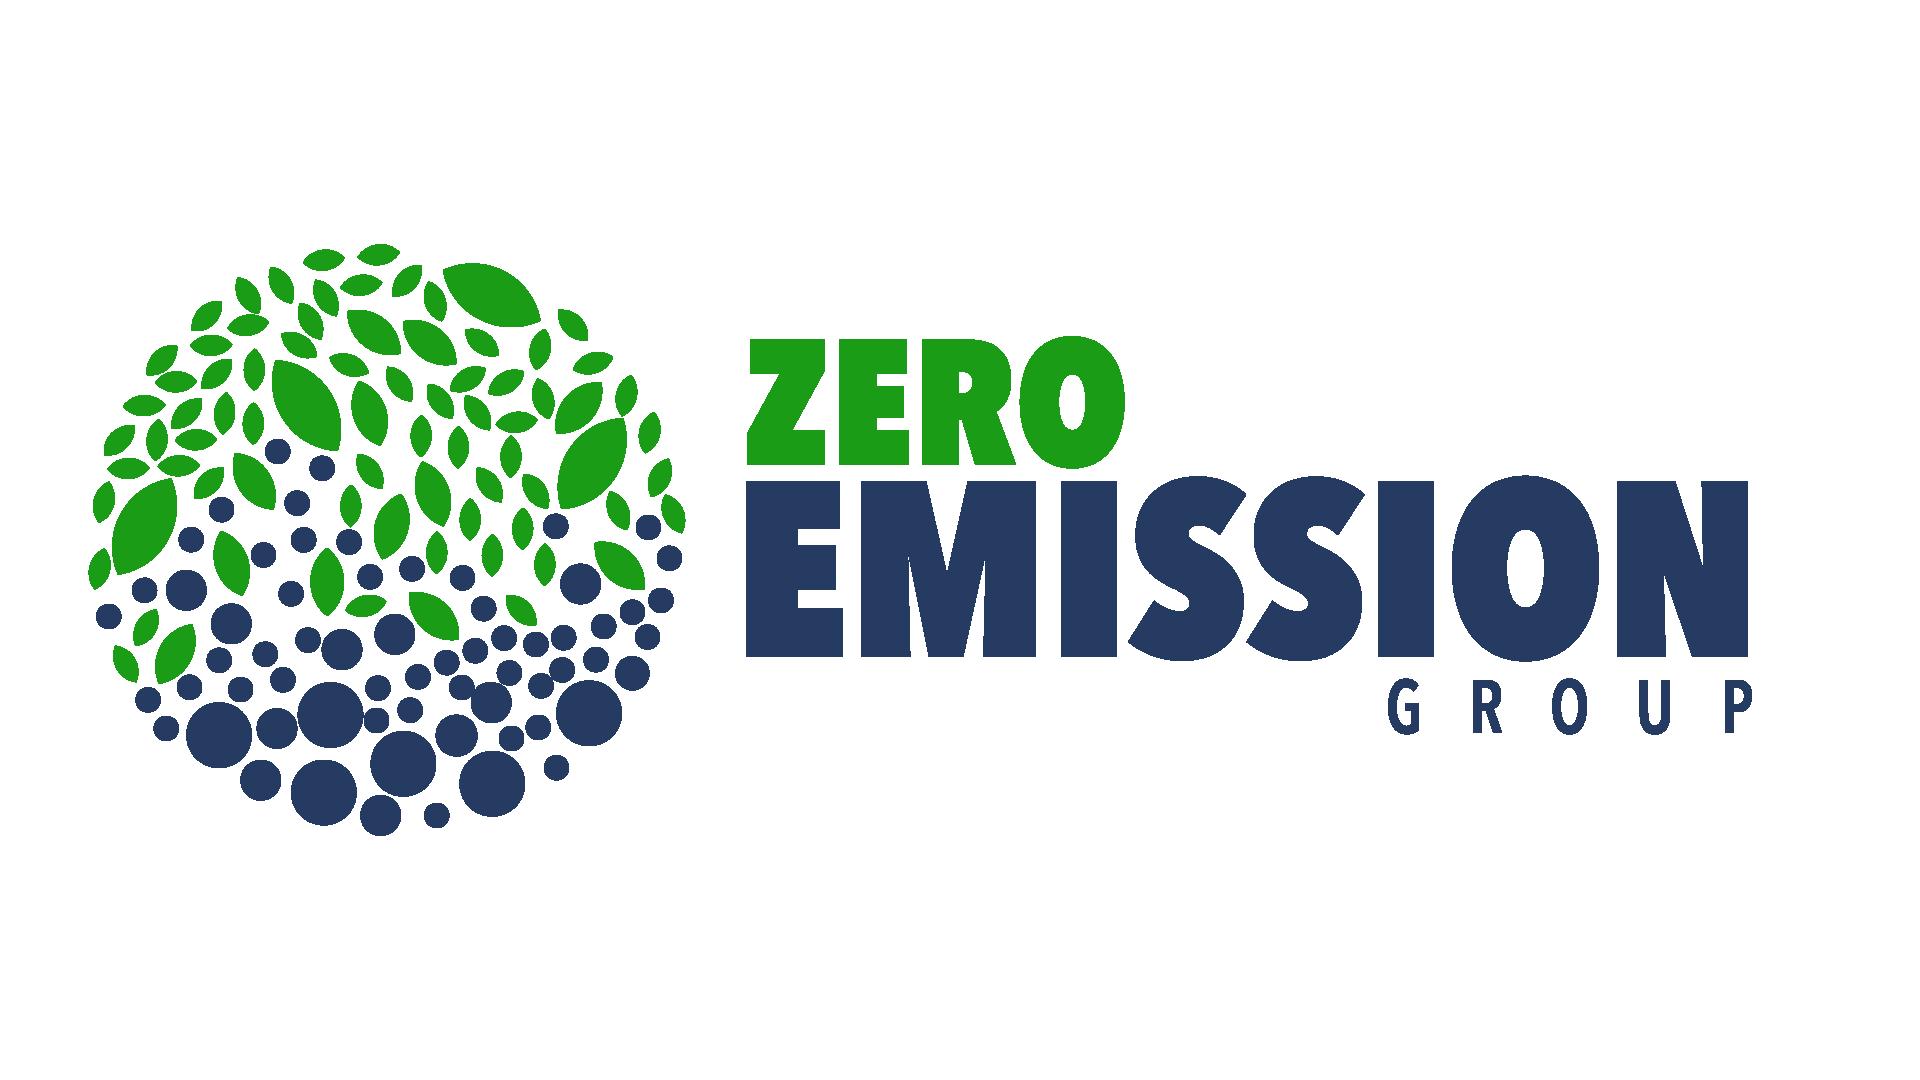 Zero Emission Group